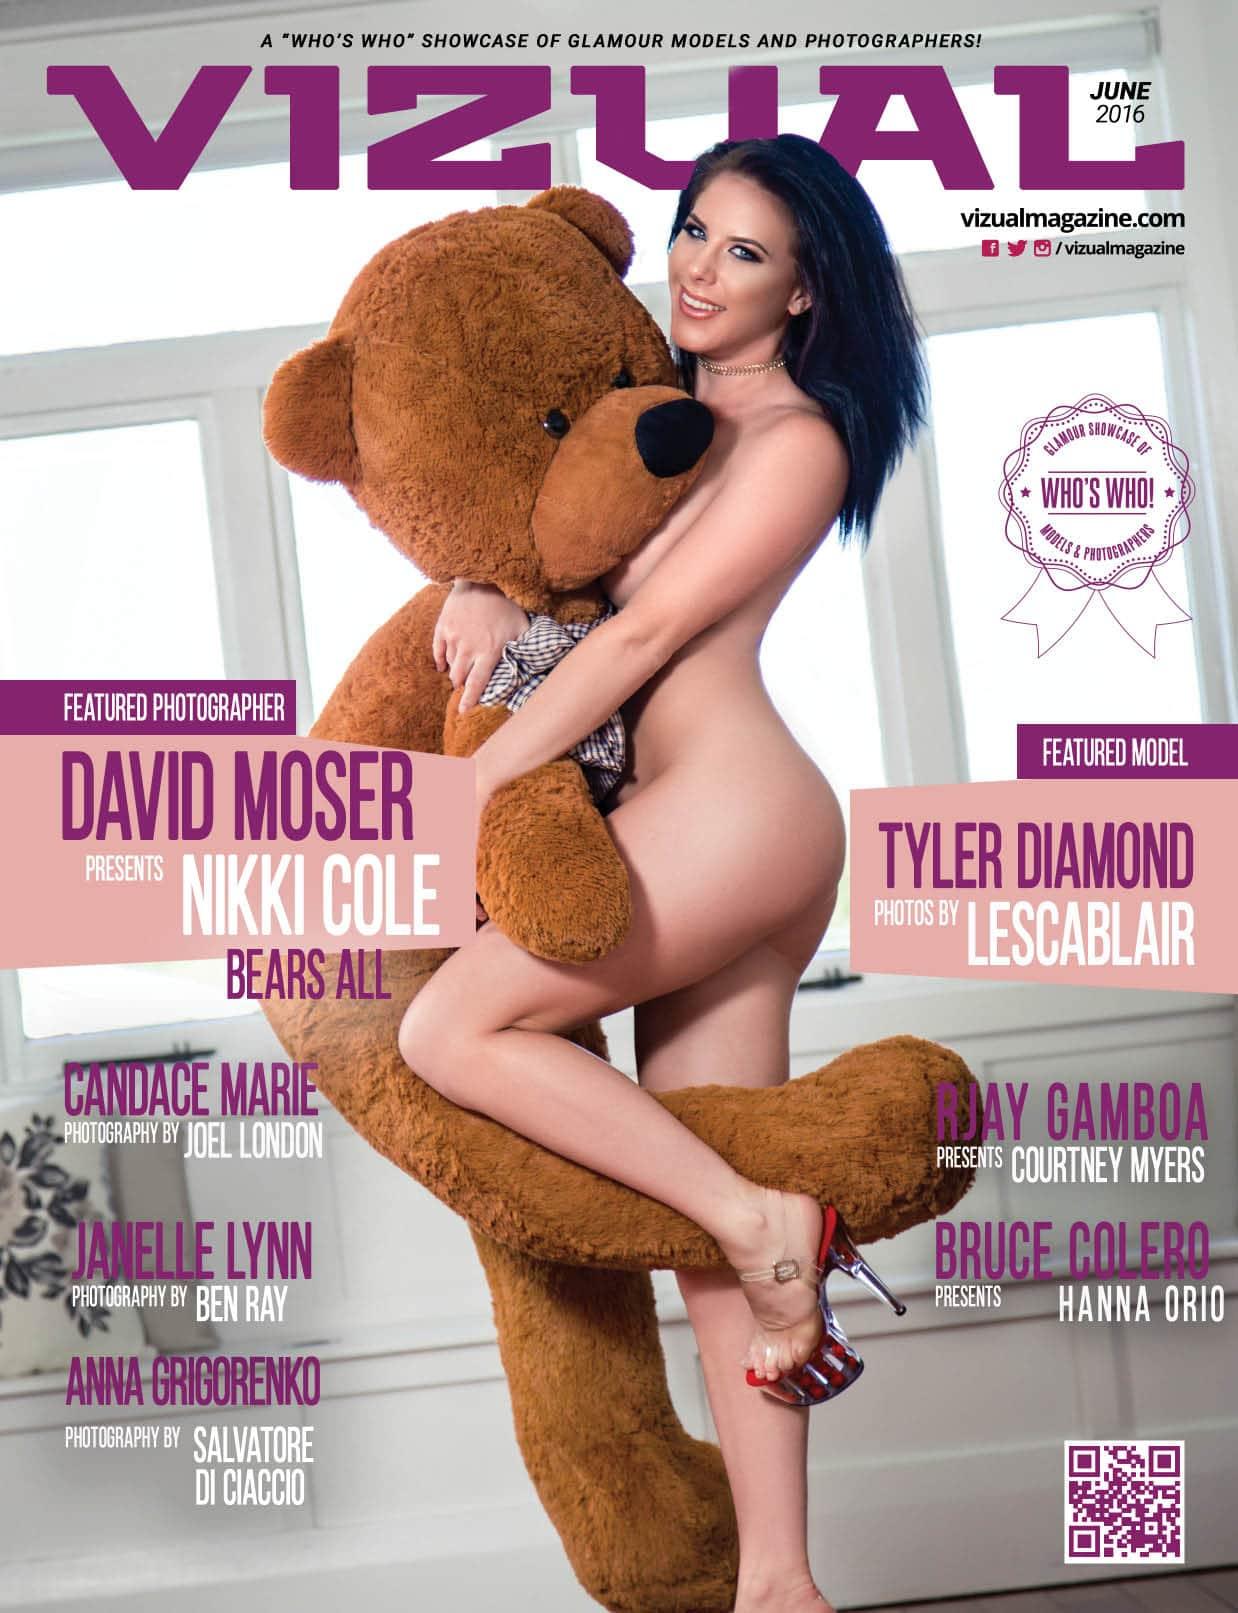 Vizual Magazine Vol 17 - June 2016 1